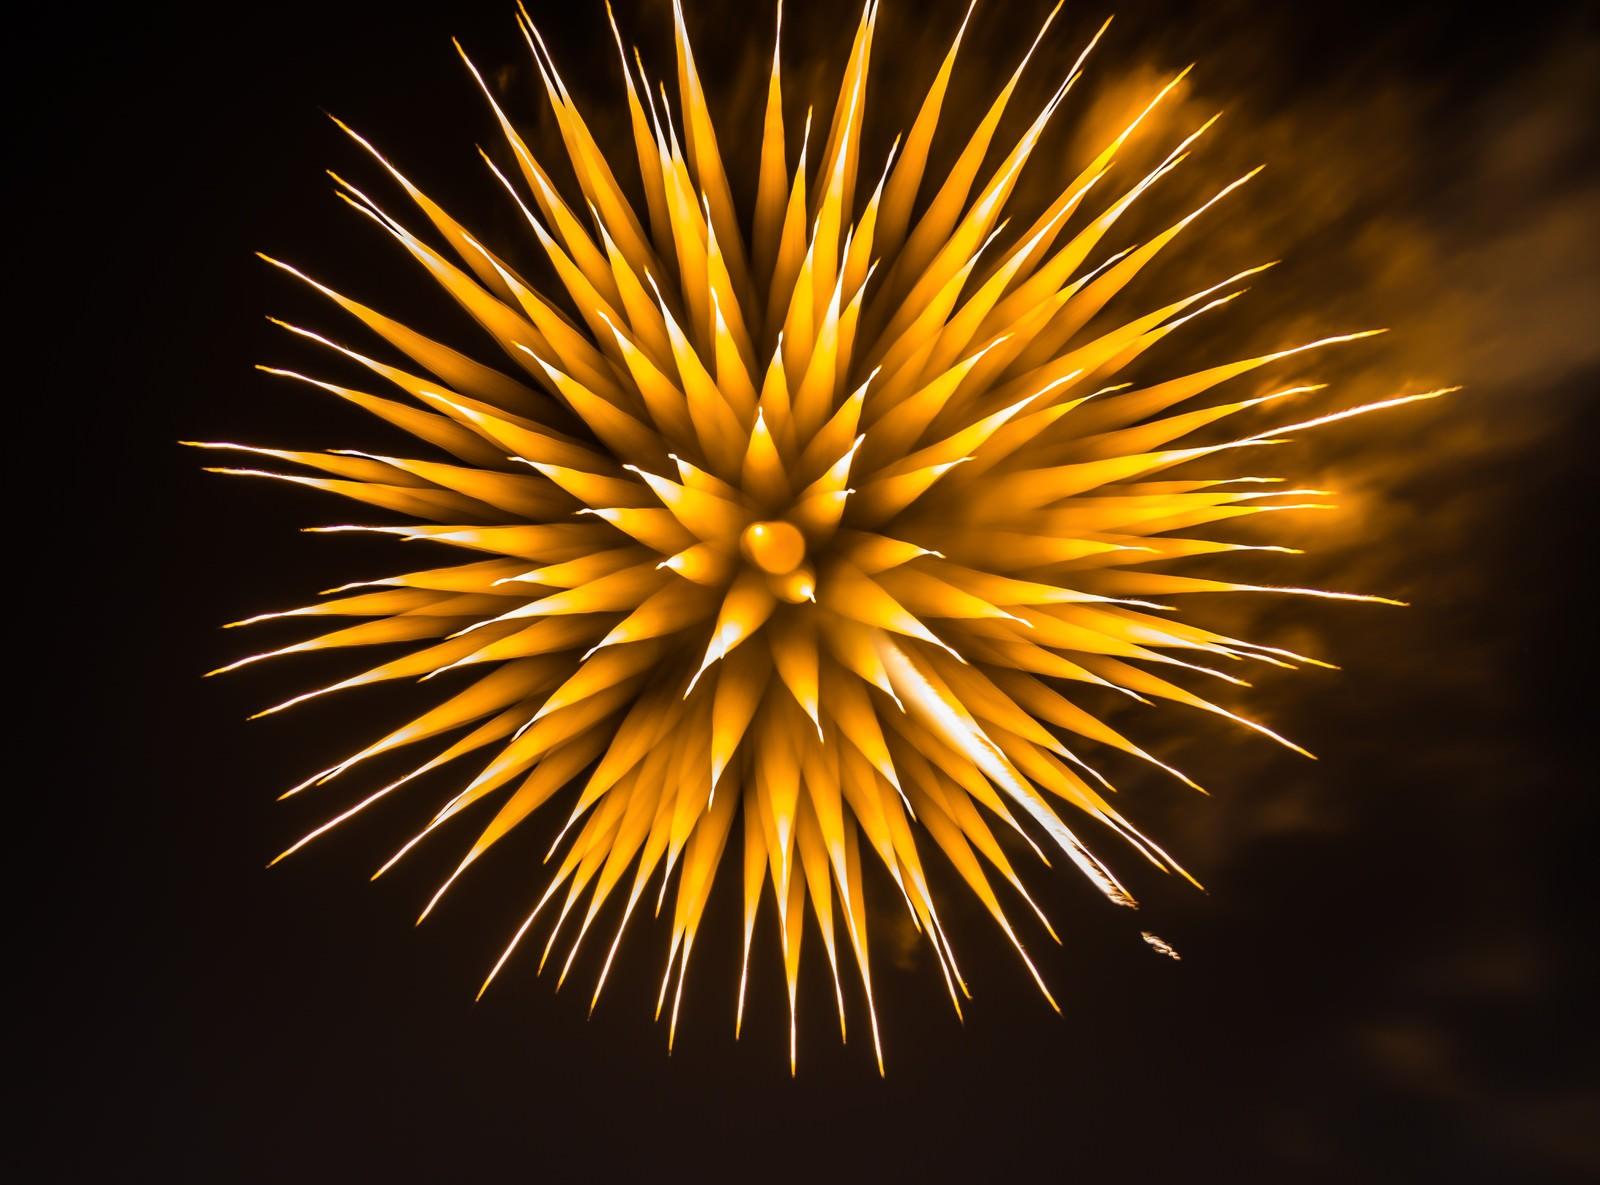 「夜空に咲く黄色いたんぽぽの花火」の写真